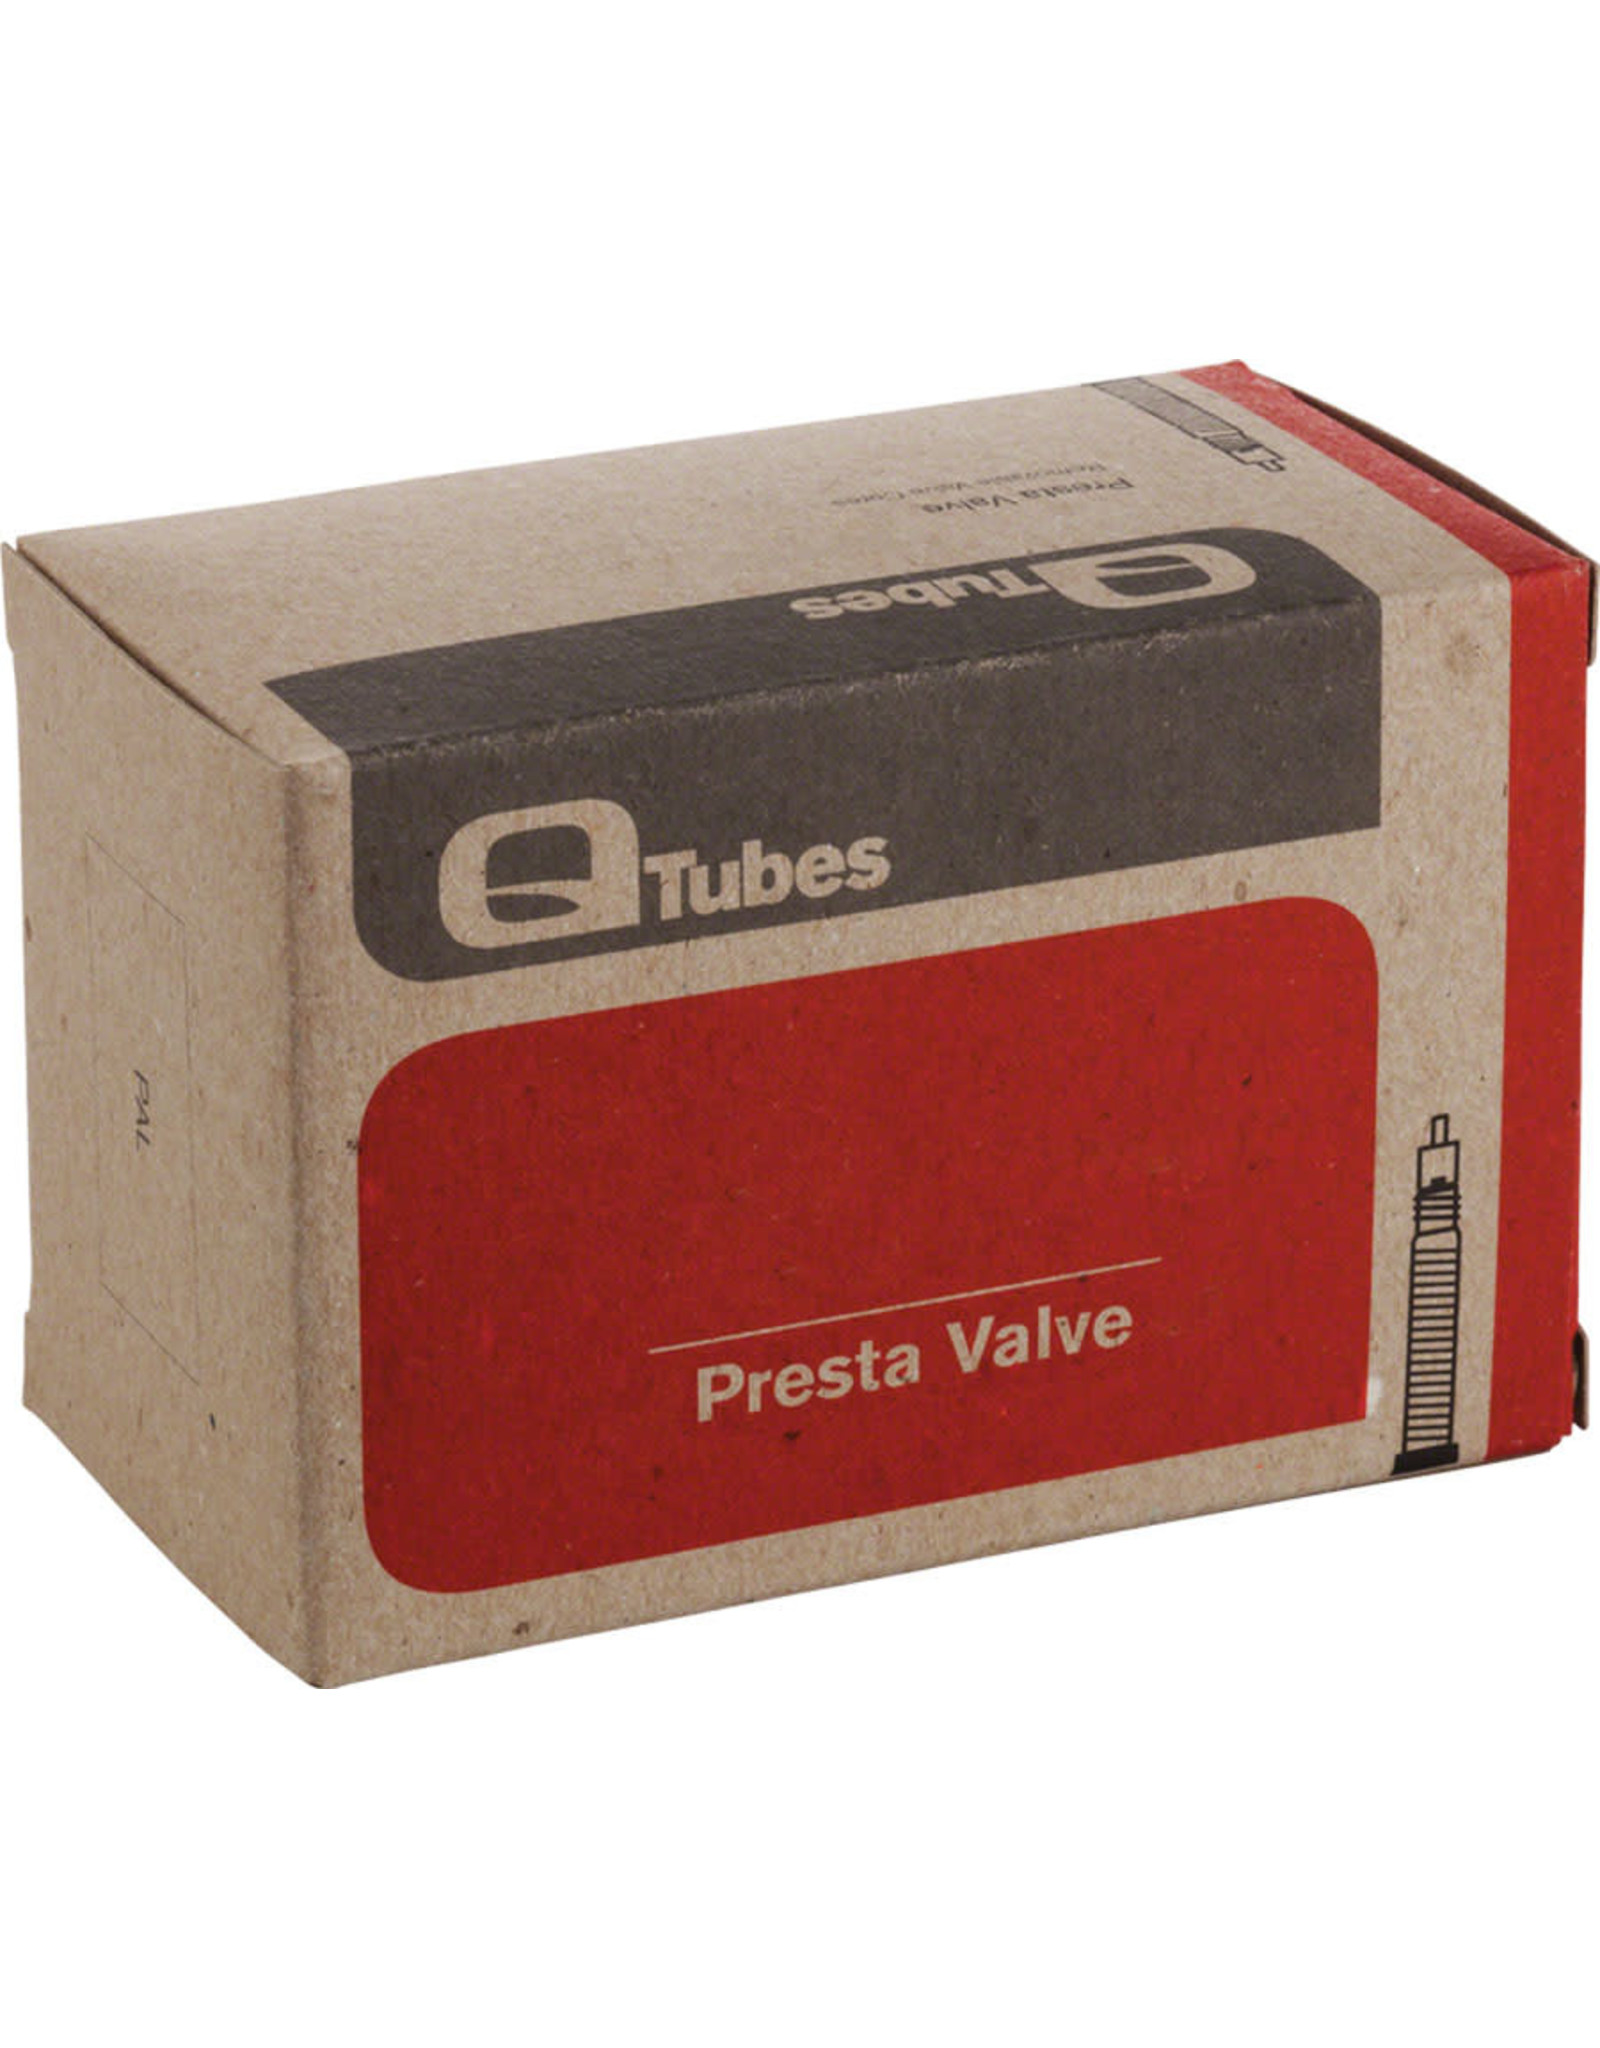 """Q-Tubes Q-Tubes 29"""" x 2.36-2.8"""" Tube: 48mm Presta Valve"""